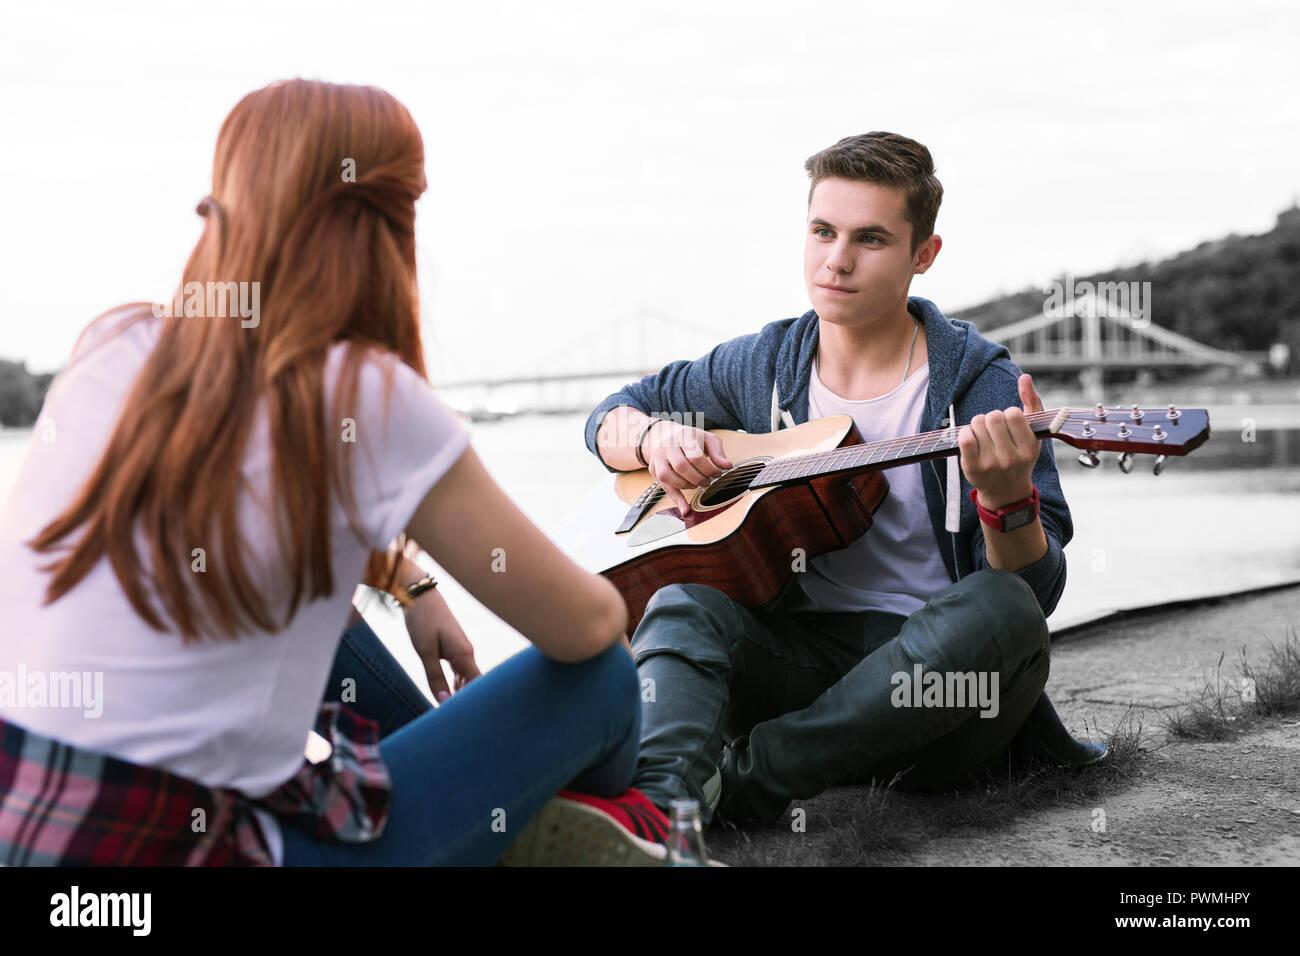 Beau garçon chanter la chanson pour sa petite amie assis près du pont Photo Stock